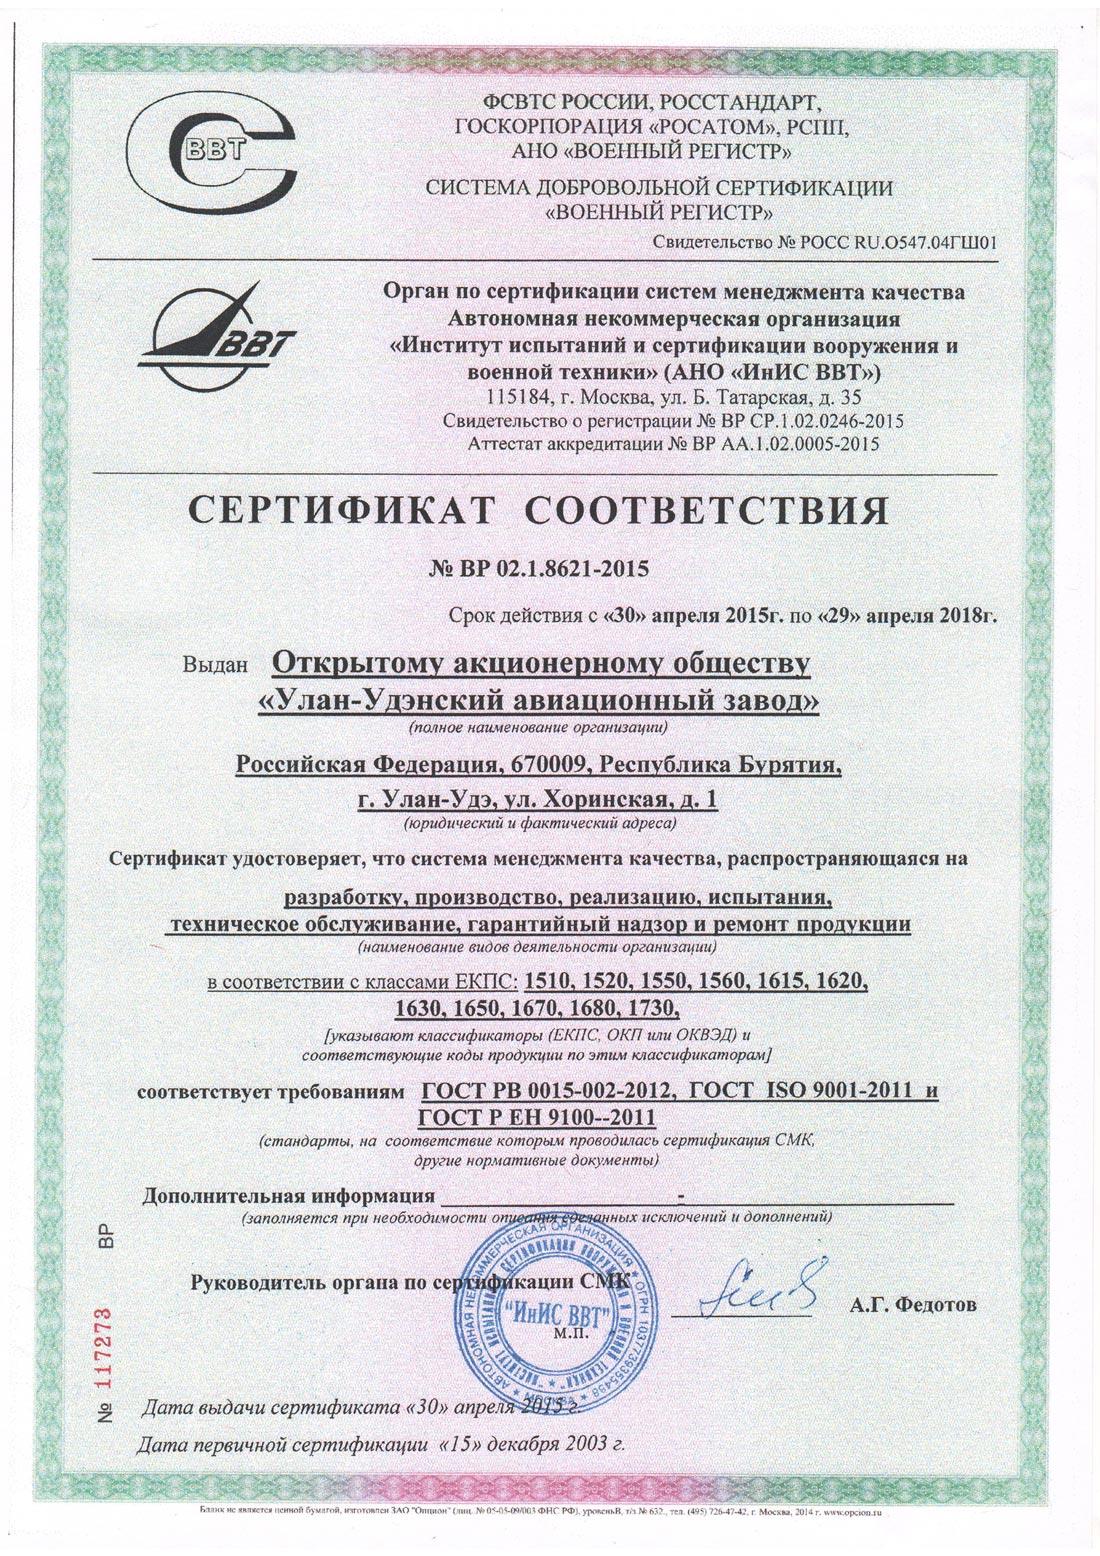 Сертификат соответствия системы менеджмента качества Улан-Удэнского авиационного завода.